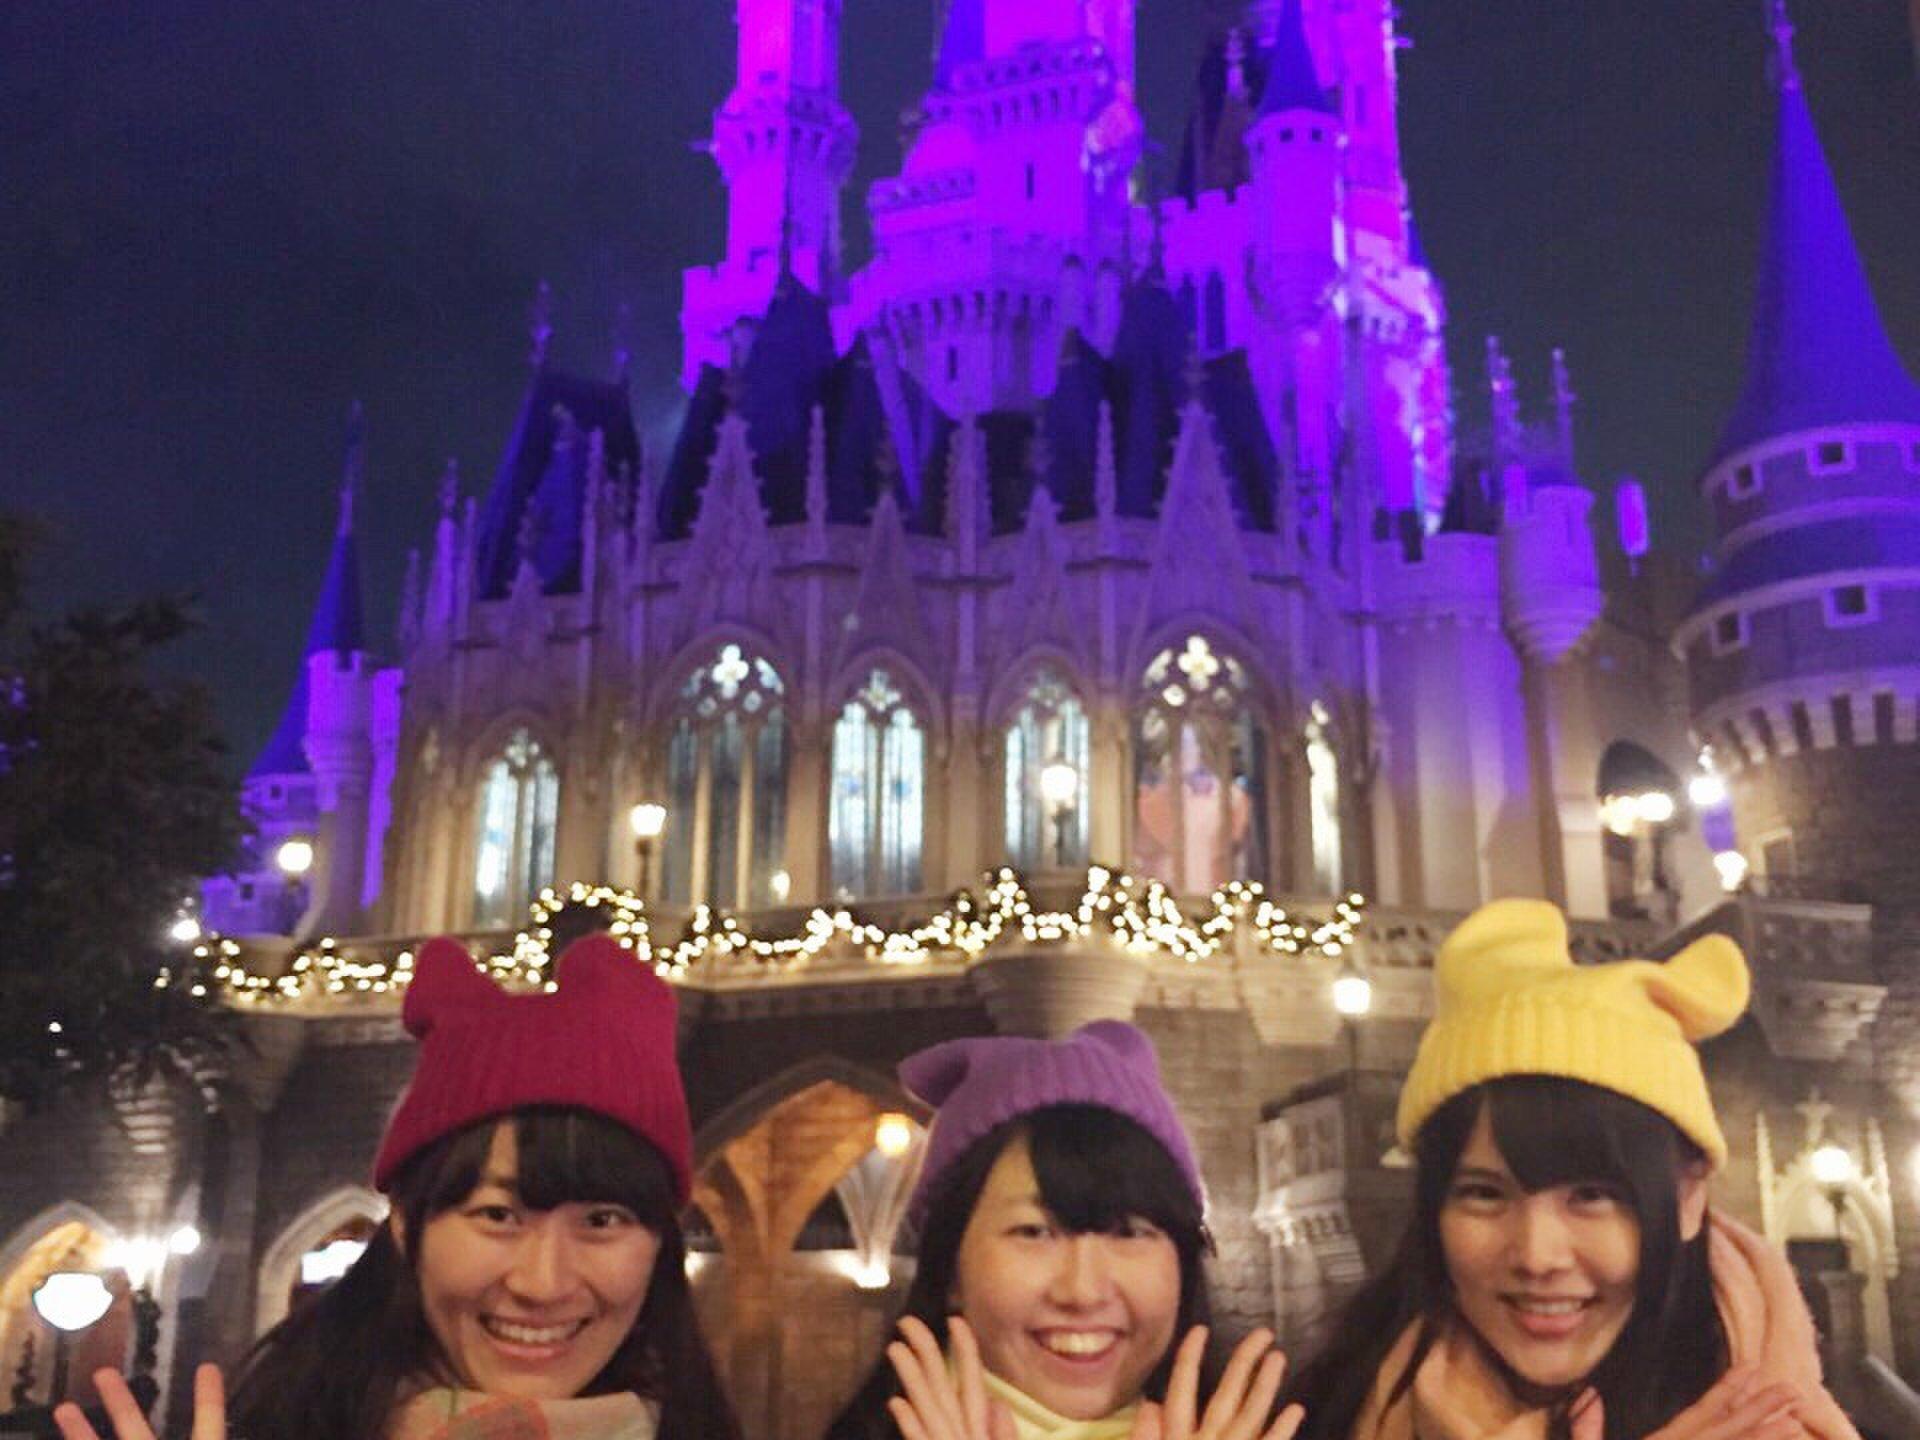 【アフター6を満喫】三つ子でおそろいコーデ、クリスマスディズニー女子会♡